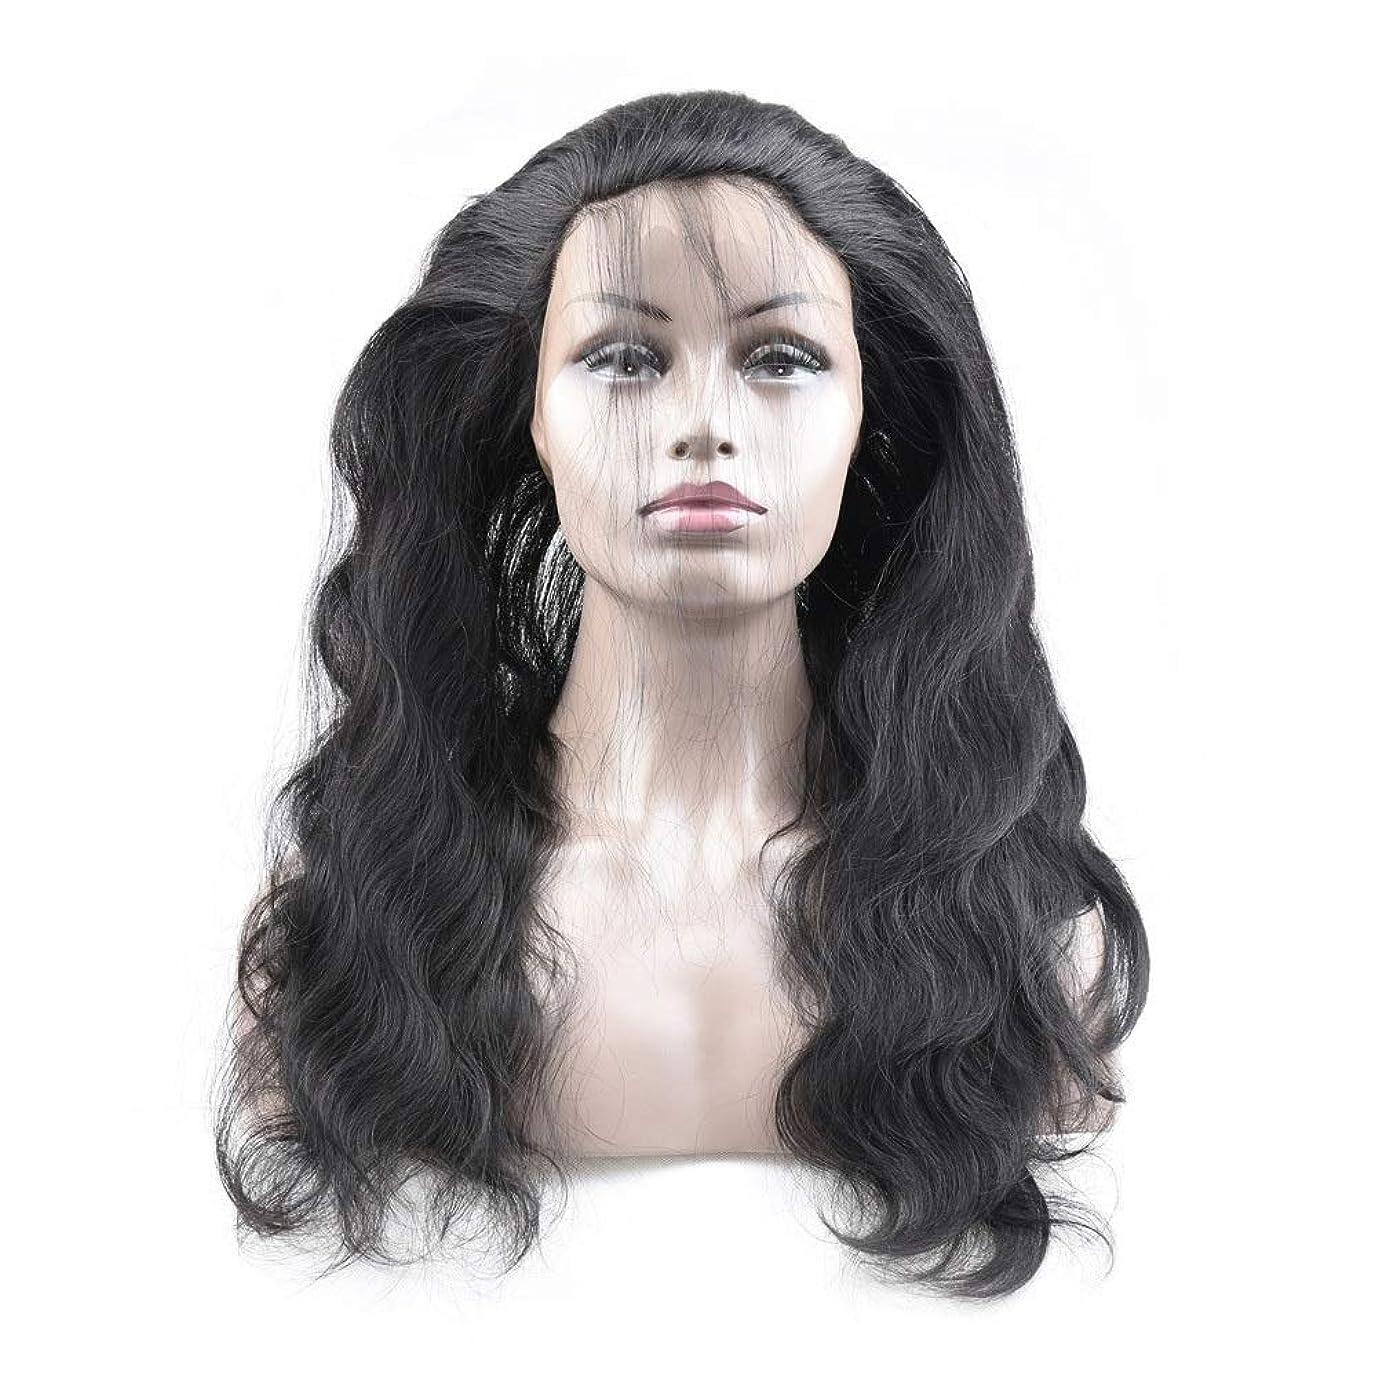 哺乳類疼痛とんでもないJULYTER 360レース前頭かつらヘアラインレースフィギュア人間の髪の毛のかつら実体波髪のかつら (色 : 黒, サイズ : 8 inch)